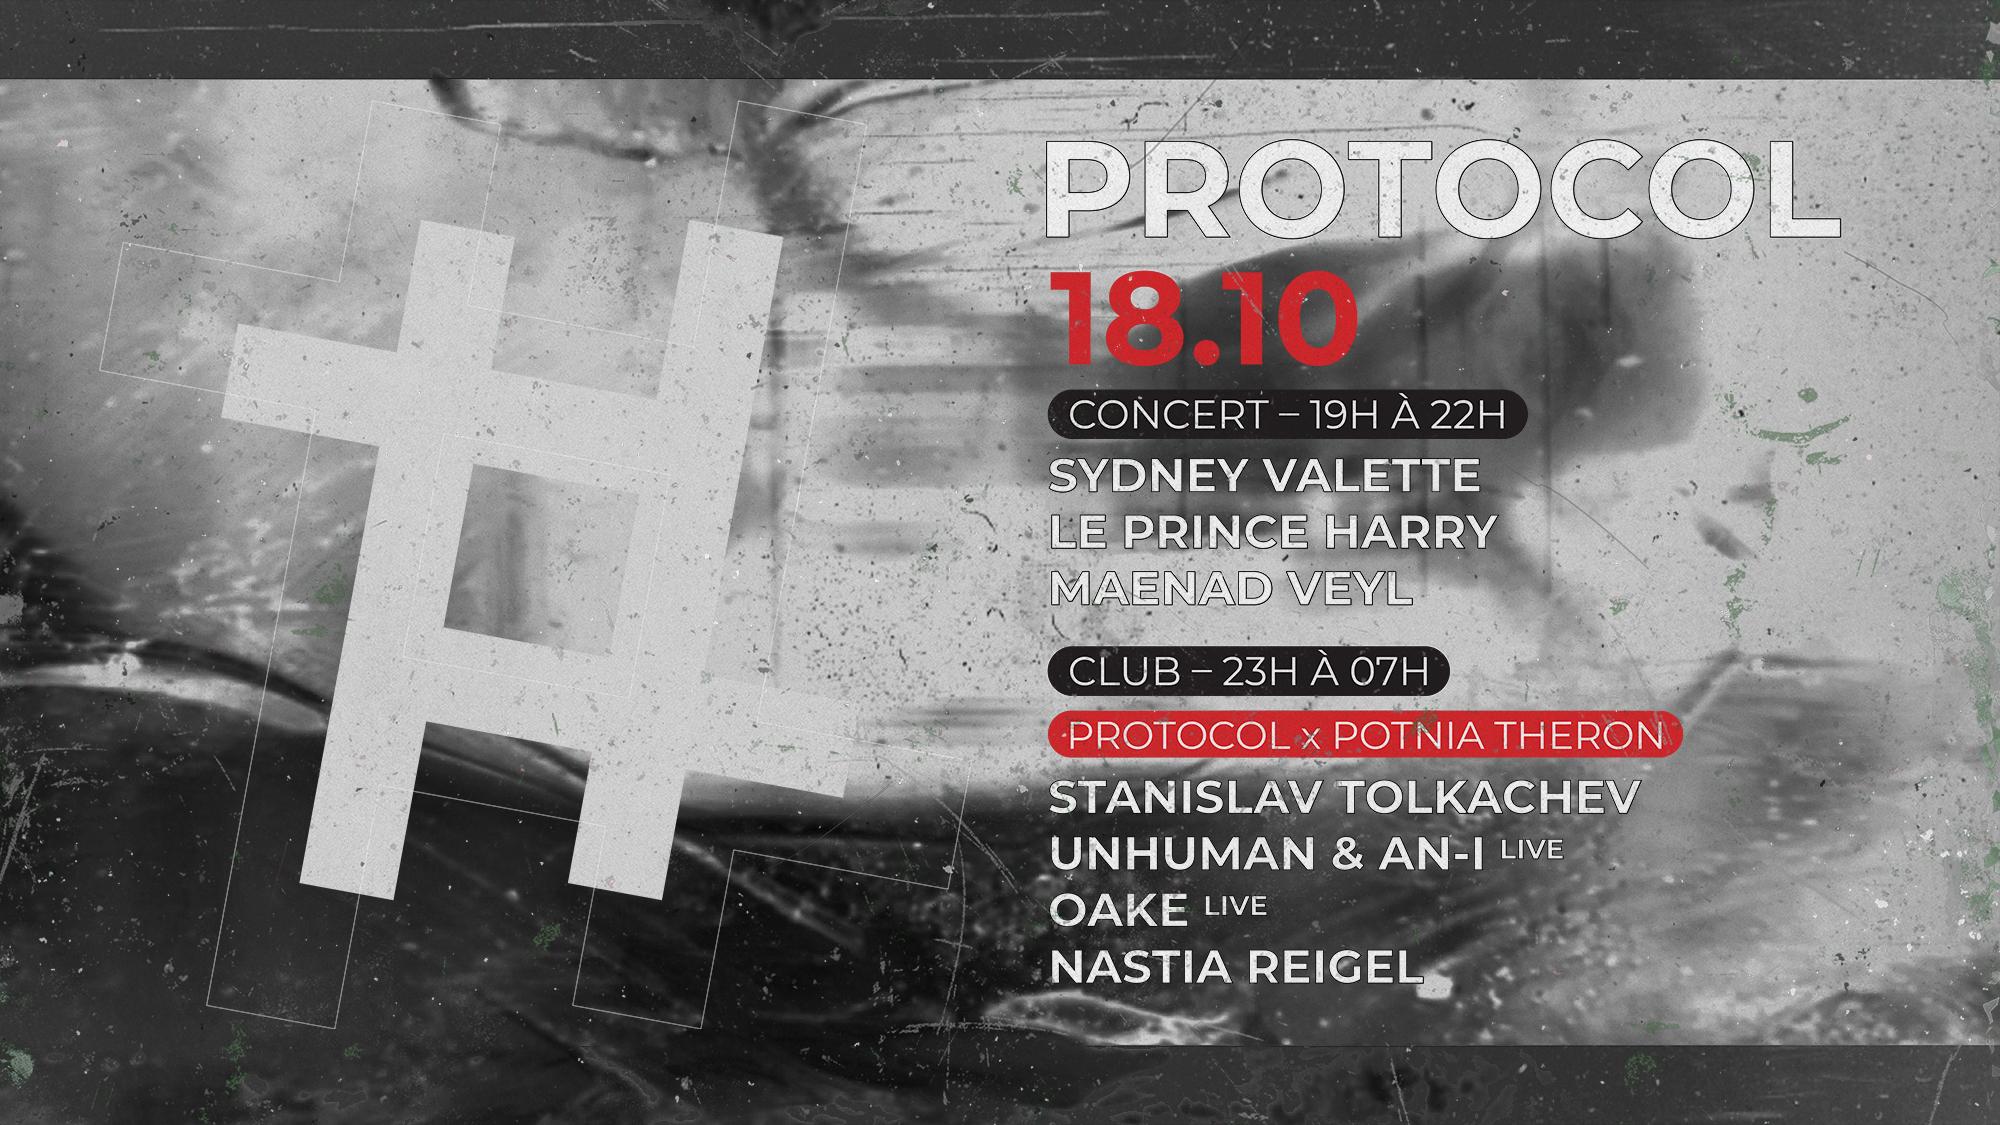 PROTOCOL 18 OCTOBRE